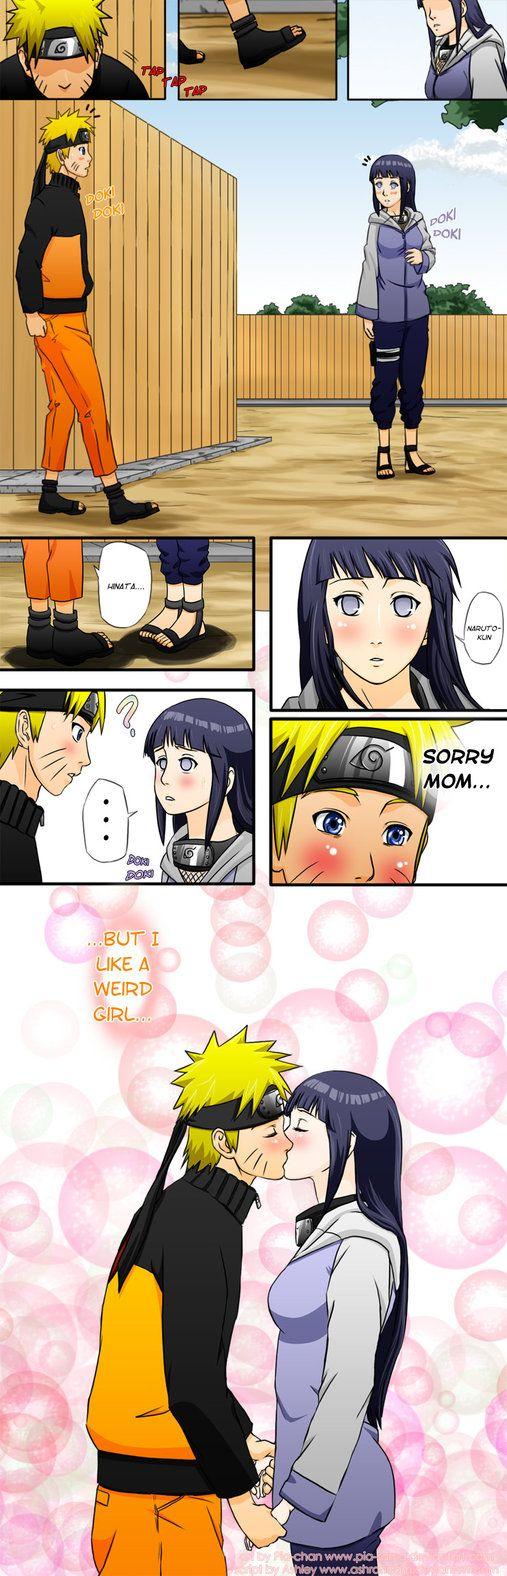 Naruto hinata naked